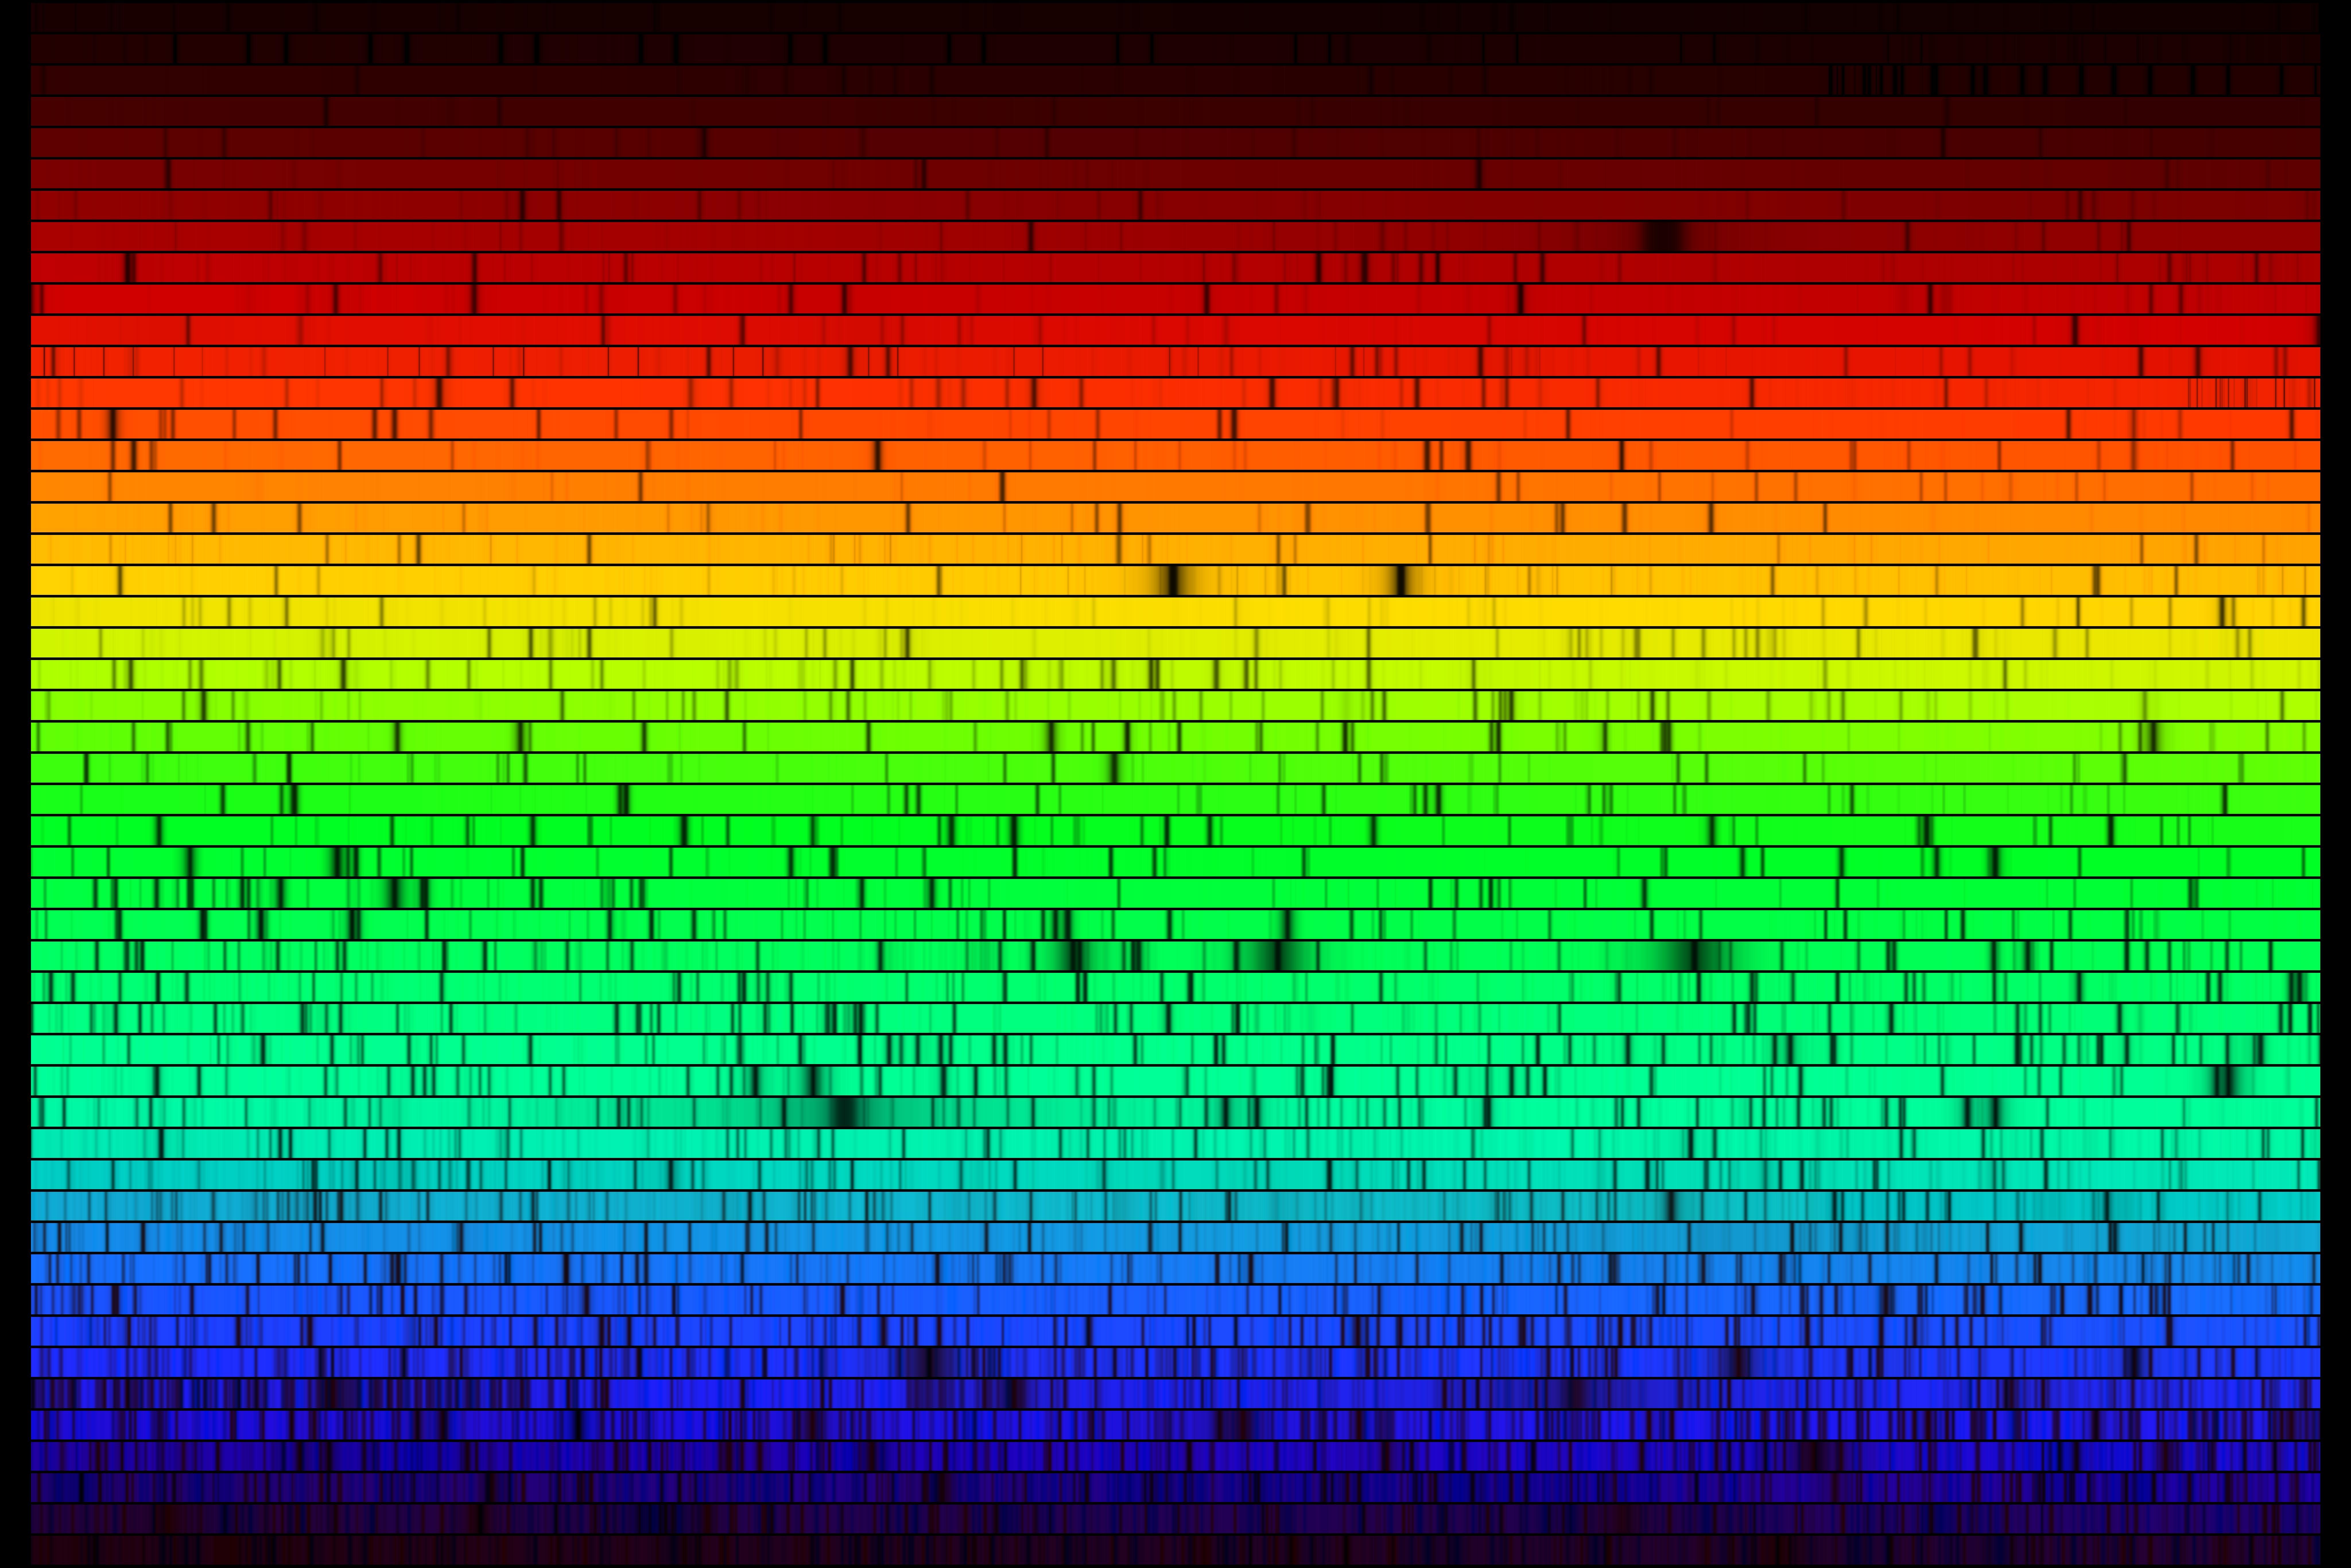 Eine hochauflösende Abbildung des Spektrums unserer Sonne. Bild: © N.A.Sharp, NOAO/NSO/Kitt Peak FTS/AURA/NSF